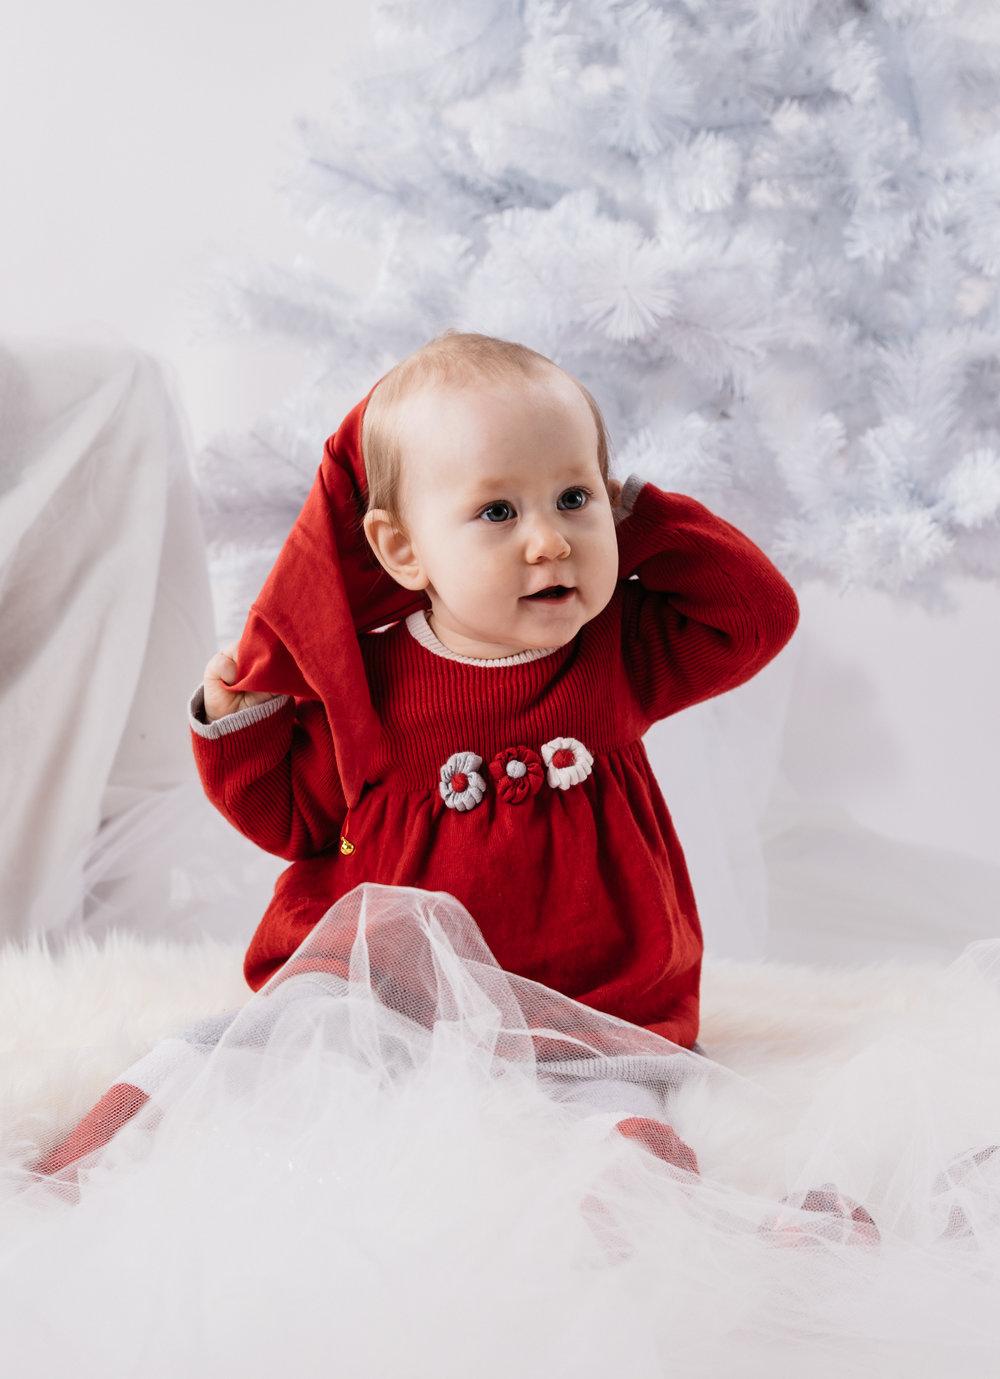 joulukortti_Jaslin&Seidi-1417.jpg